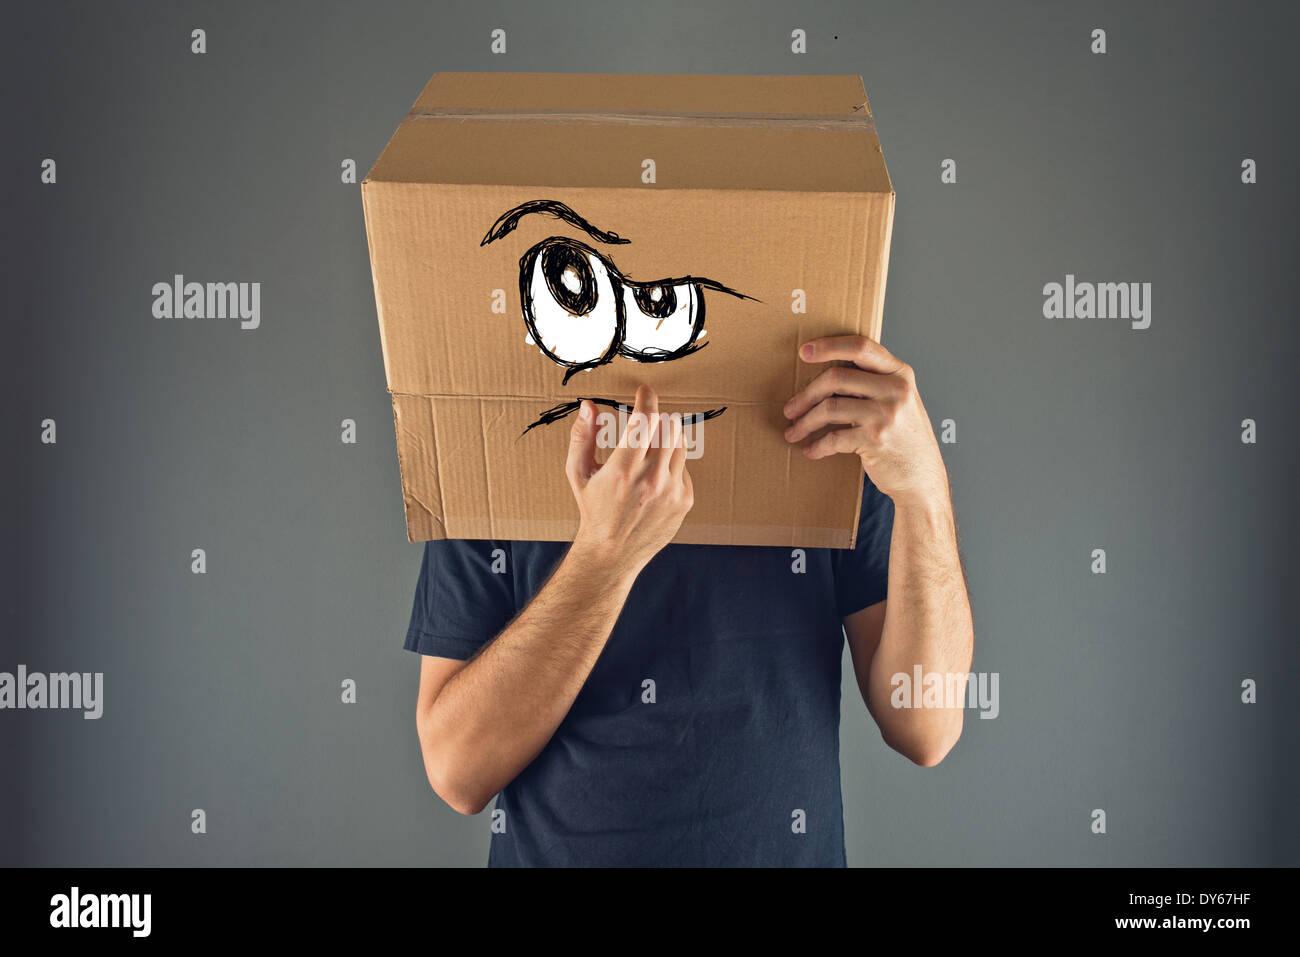 Uomo di pensare con scatola di cartone sulla sua testa con faccia grave espressione. Immagini Stock